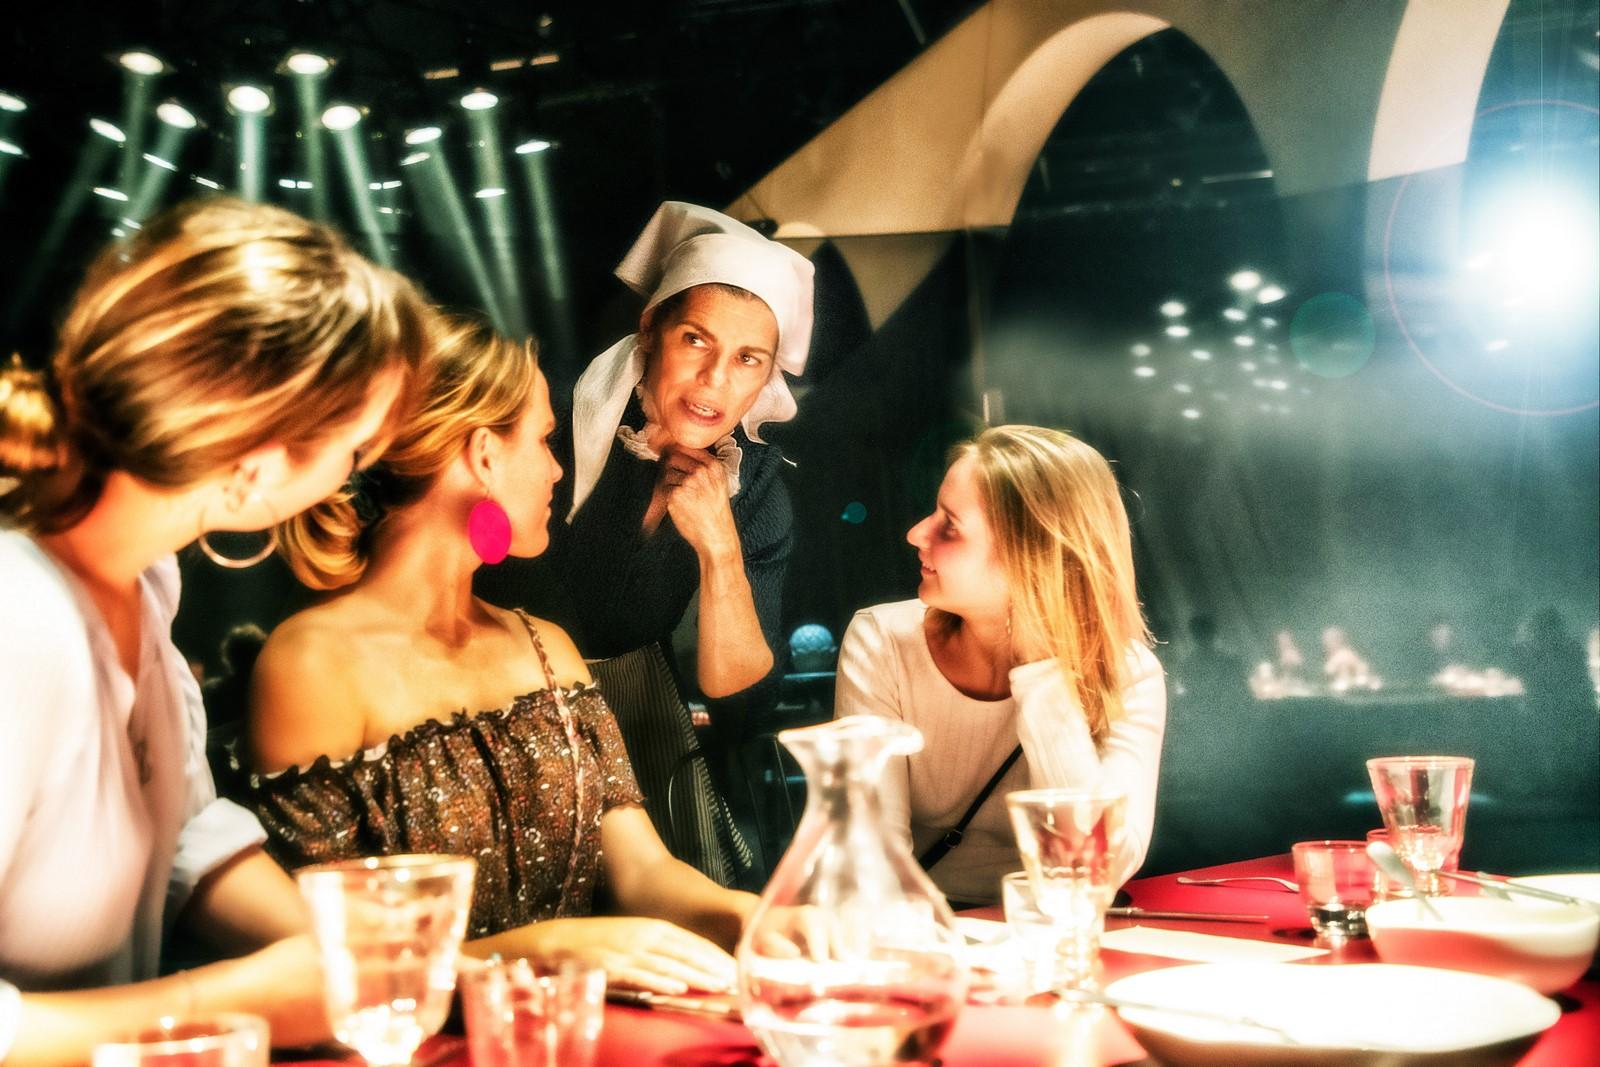 Anmeldelse: Babettes gæstebud, Østerbro Teater, Teater Republique